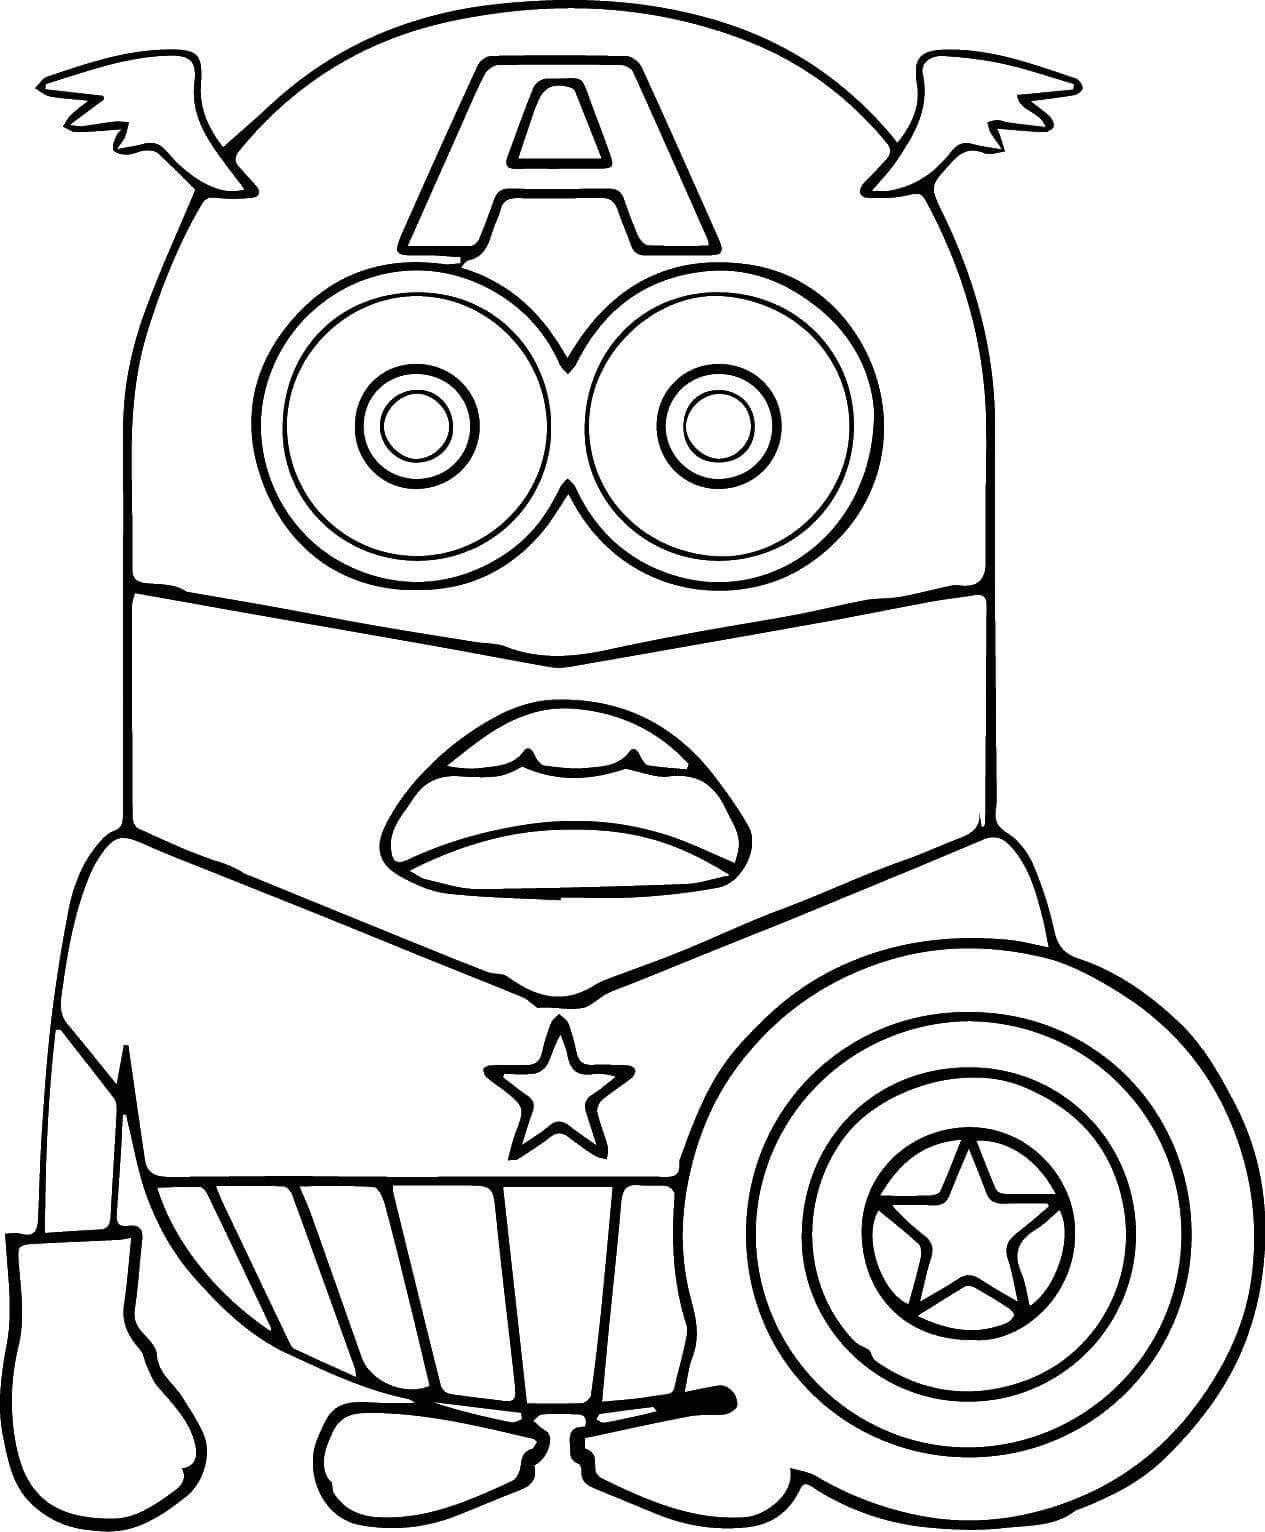 Раскраска Боб в костюме Капитана Америки